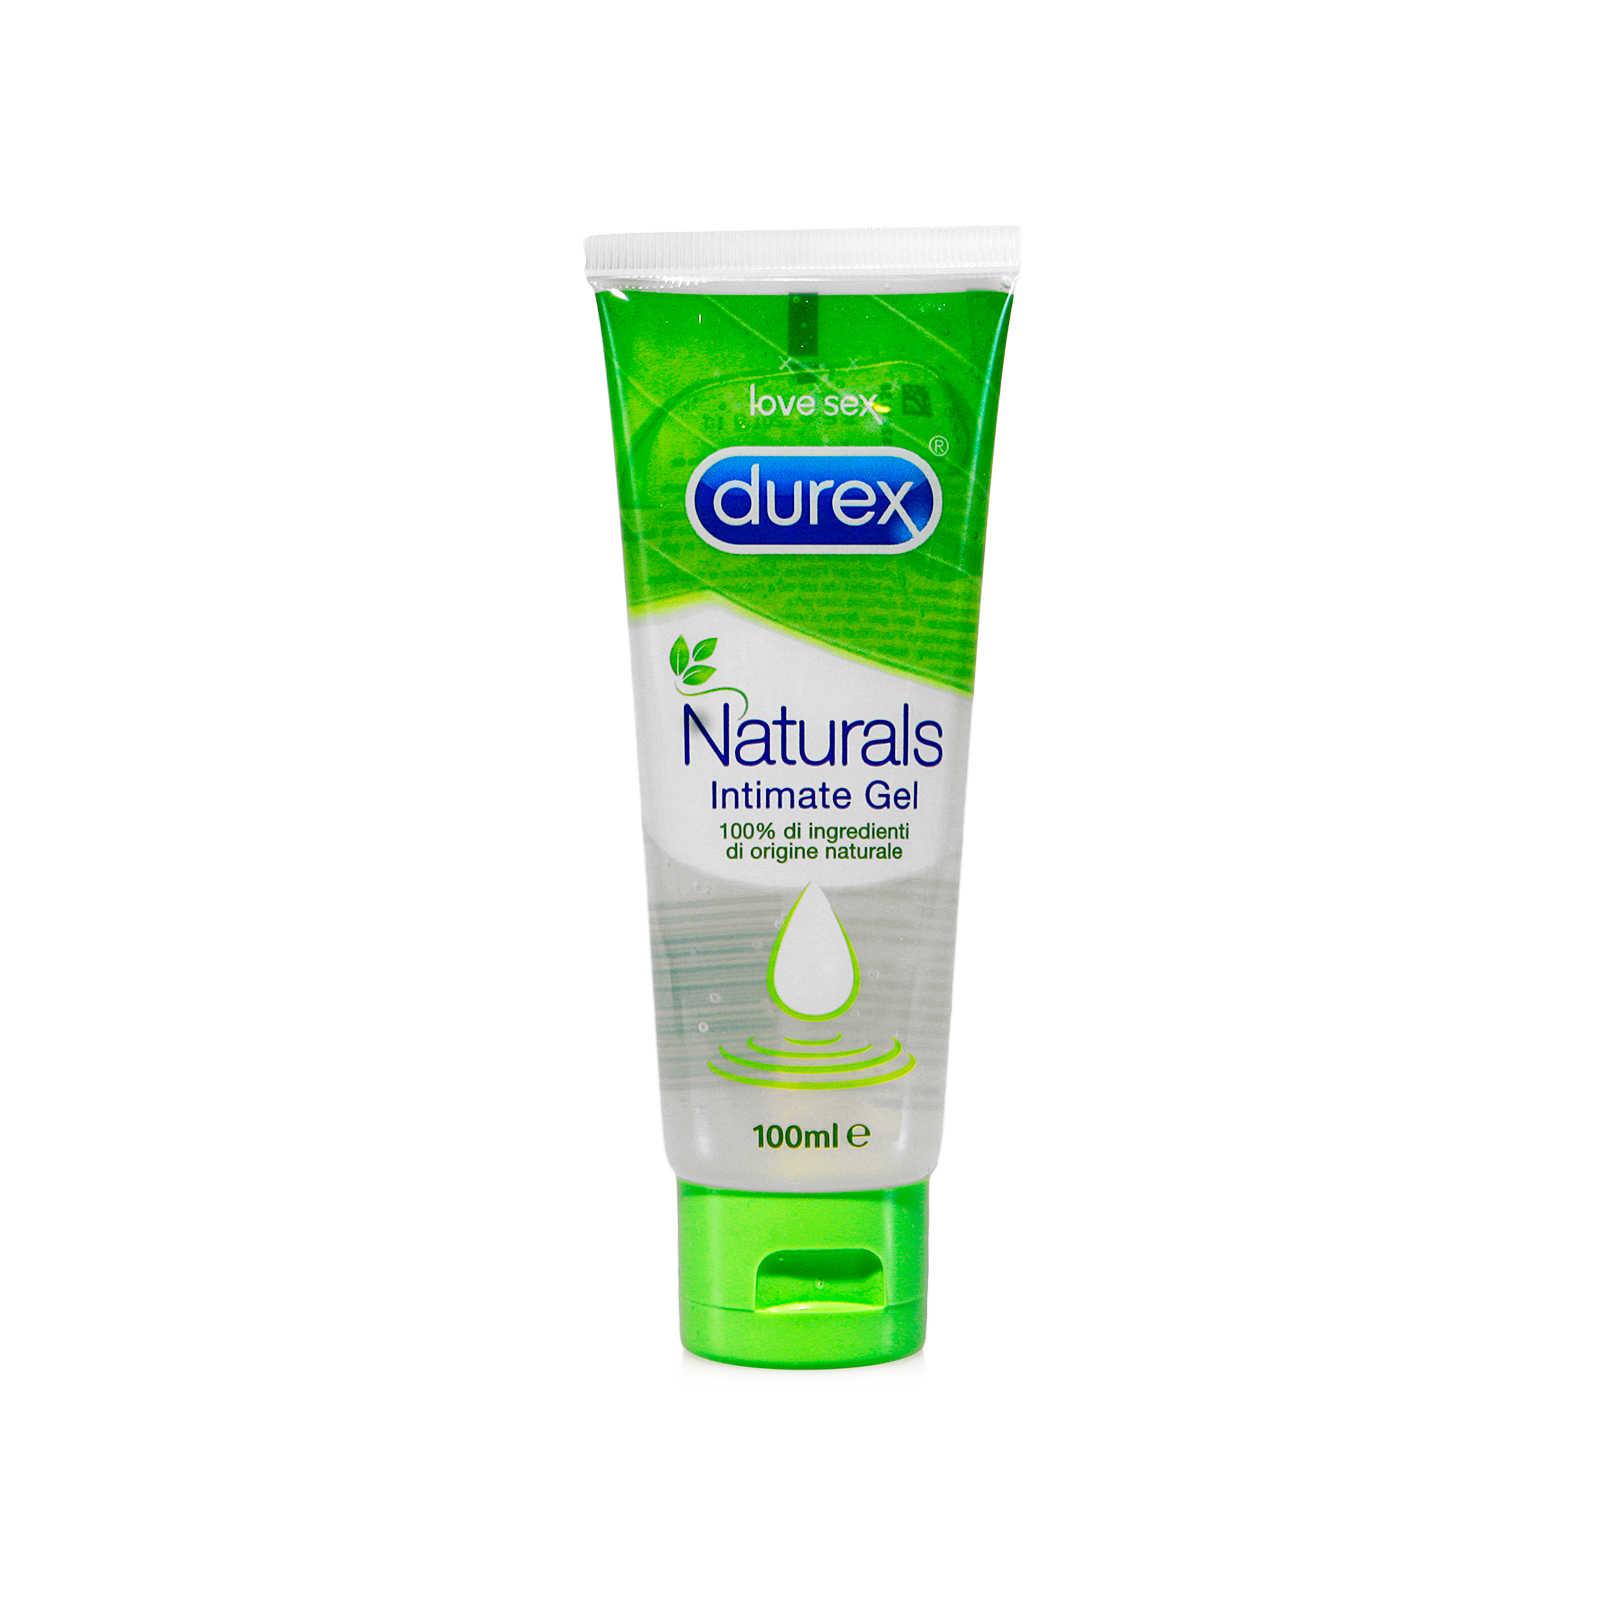 Durex - Naturals - Intimate Gel